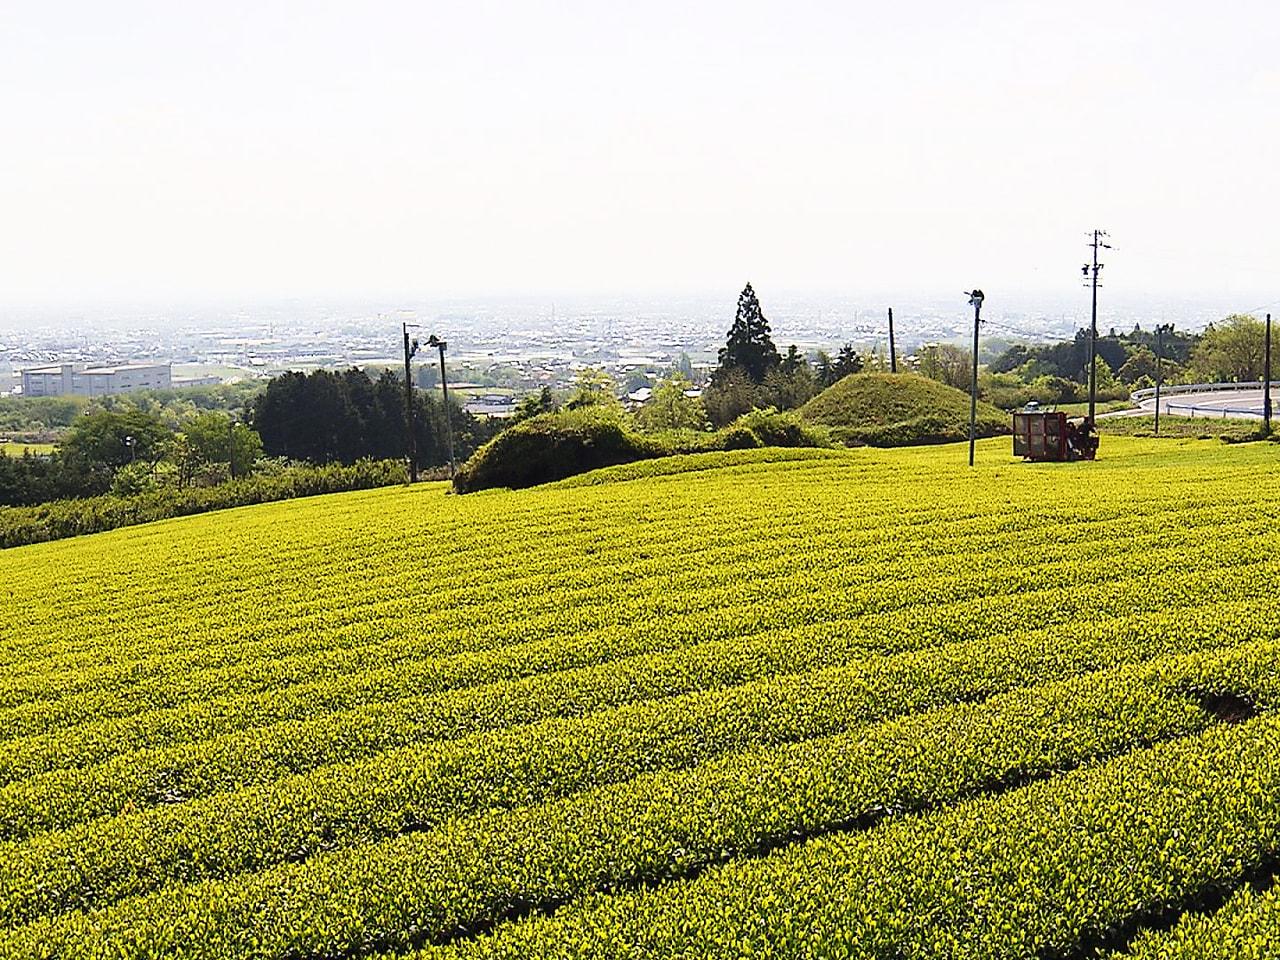 「美濃いび茶」の産地として知られる岐阜県池田町で23日、県内で最も早い新茶の初摘...